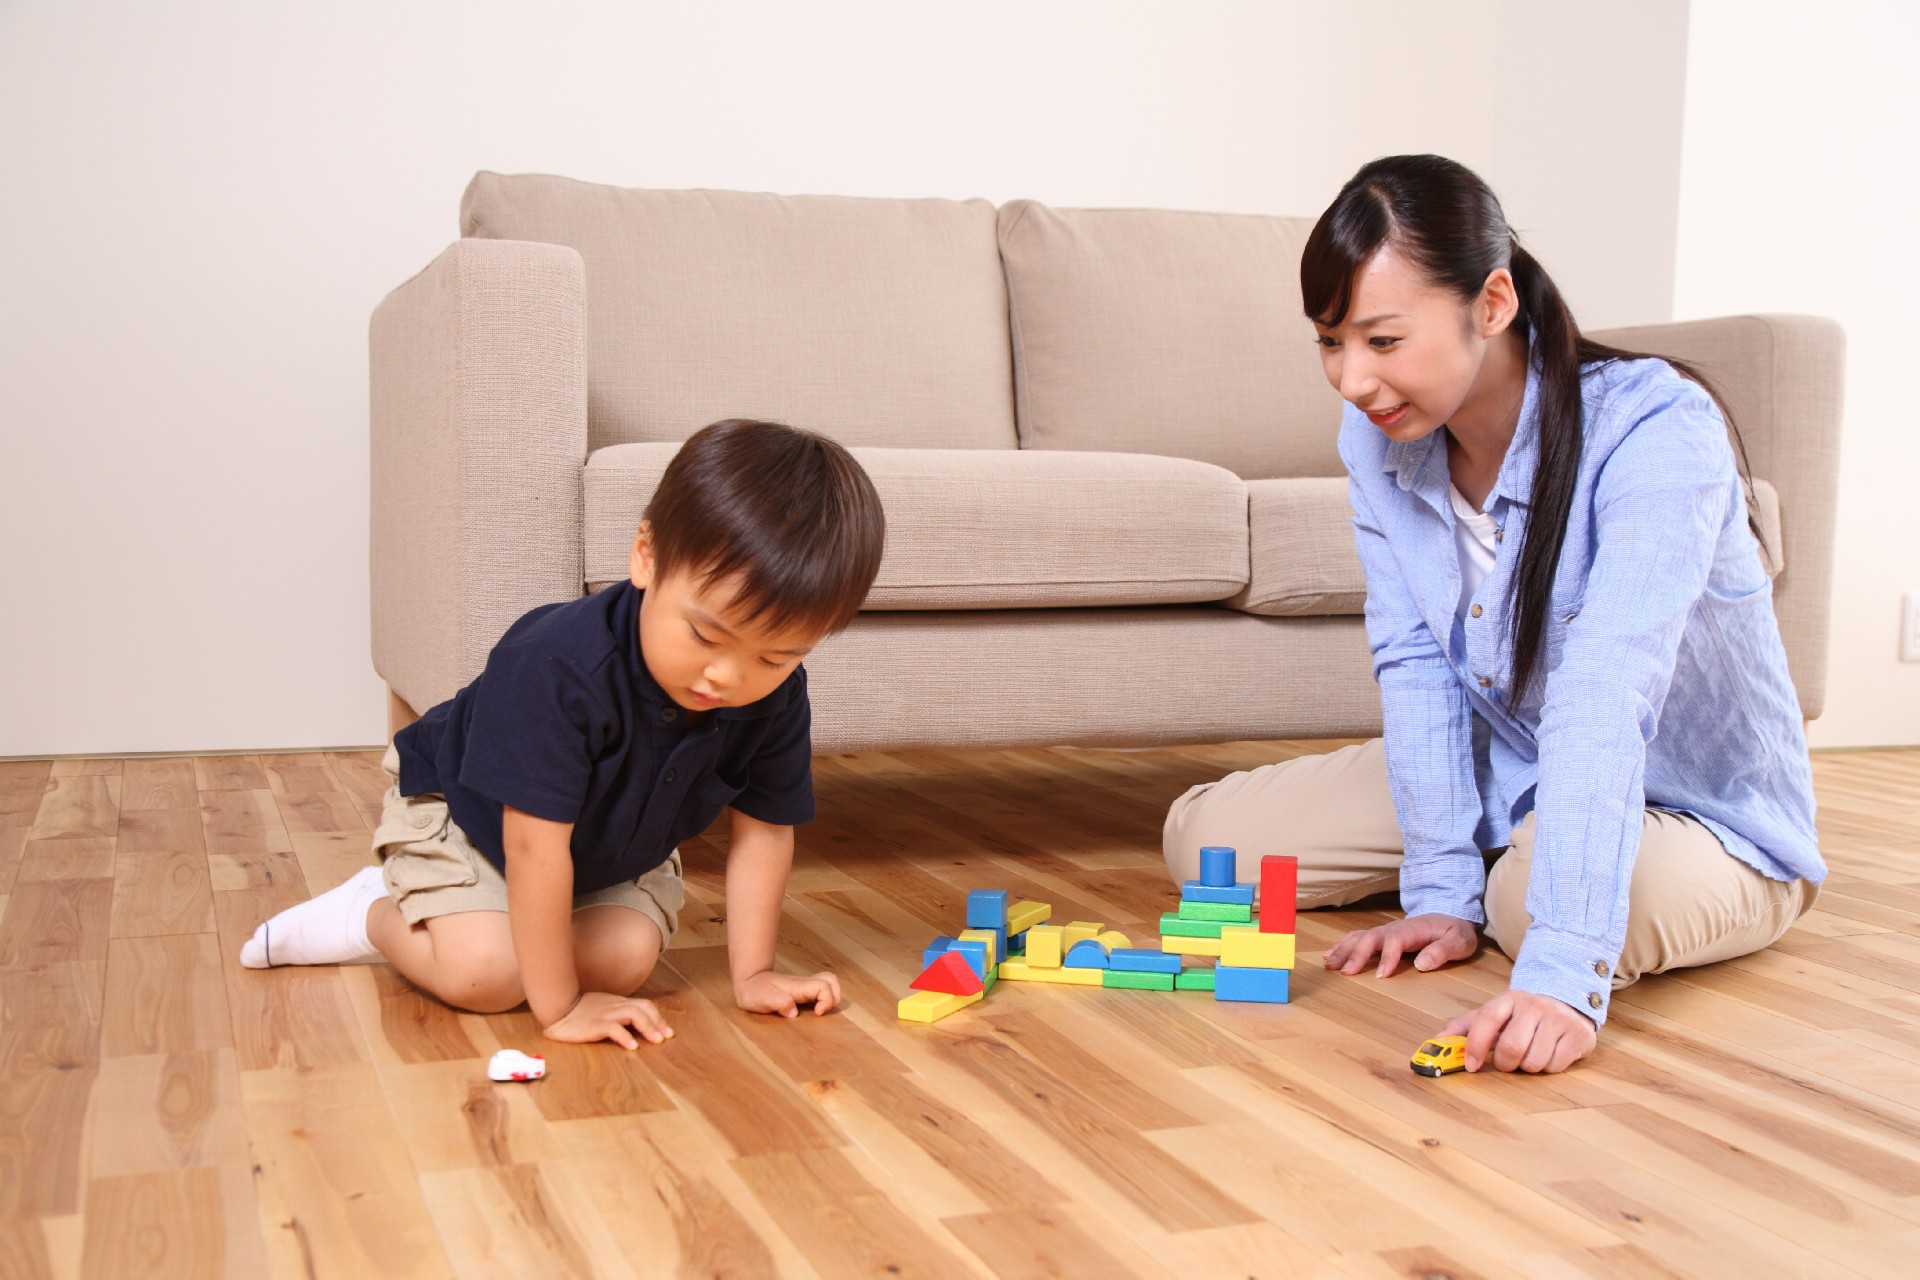 68人に1人が自閉症!?自閉症の子どもは急増しているのか?-社会の都合によって変化する発達障害の定義